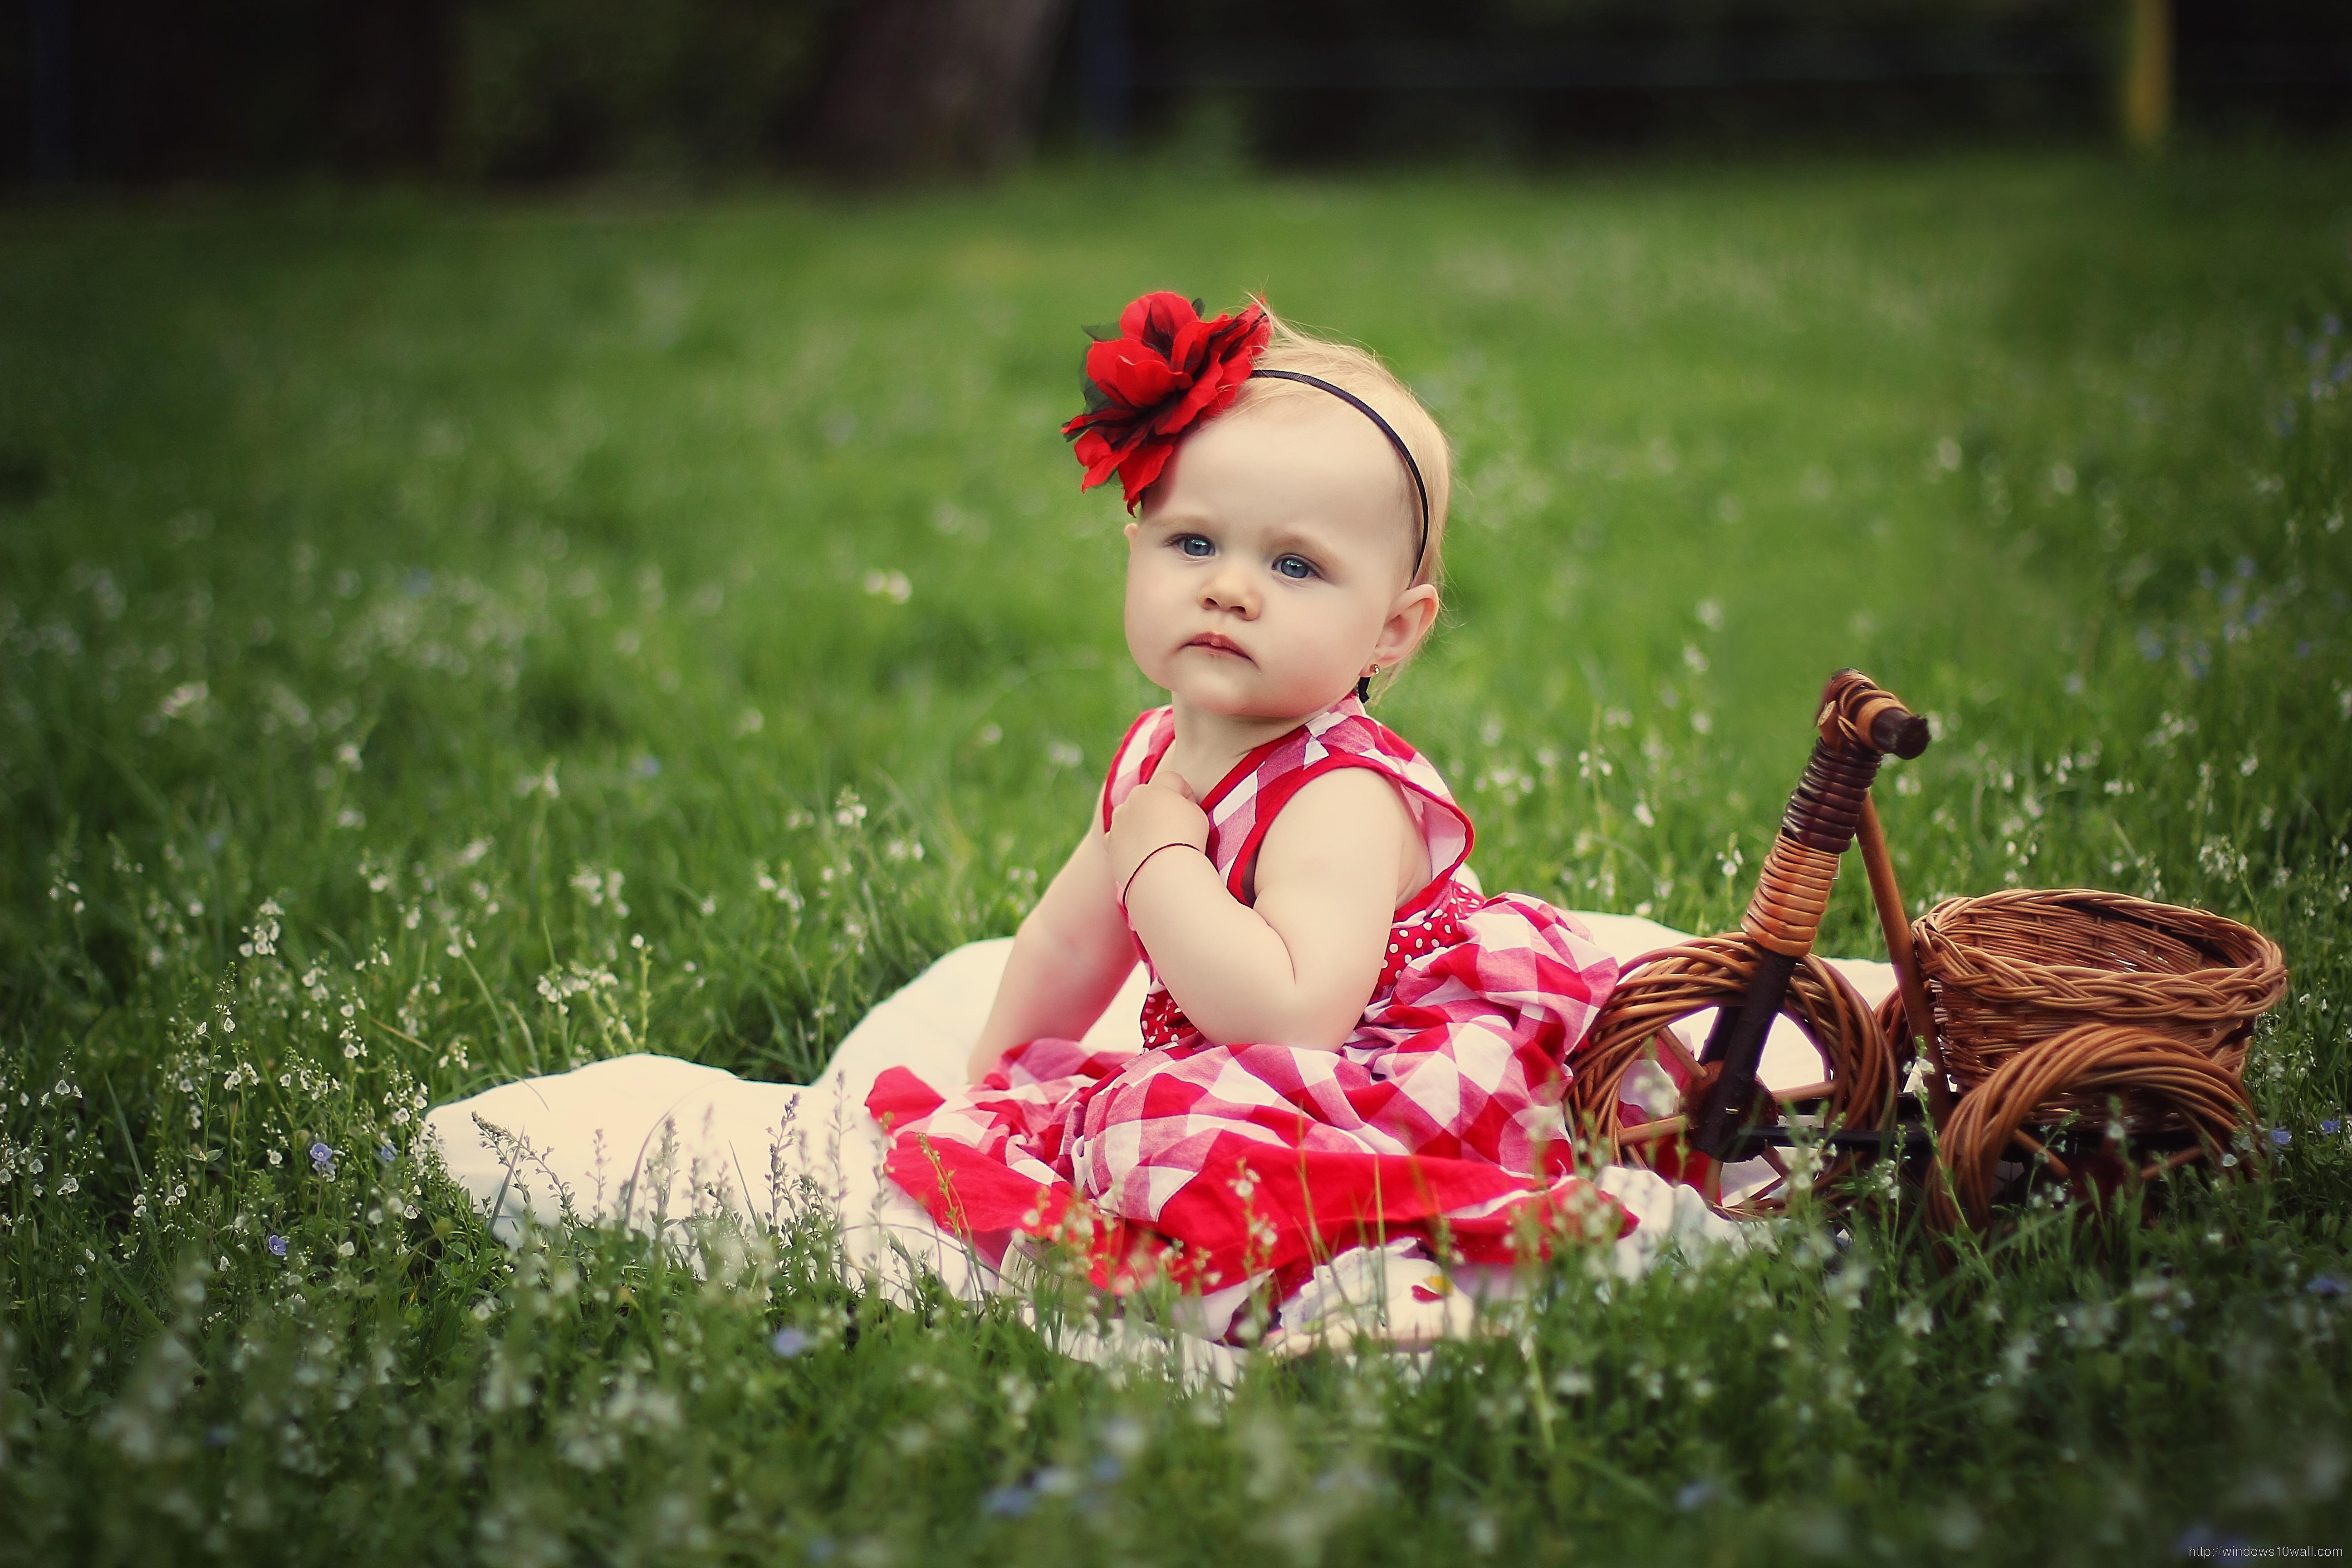 cute-baby-girl-in-field-wallpaper